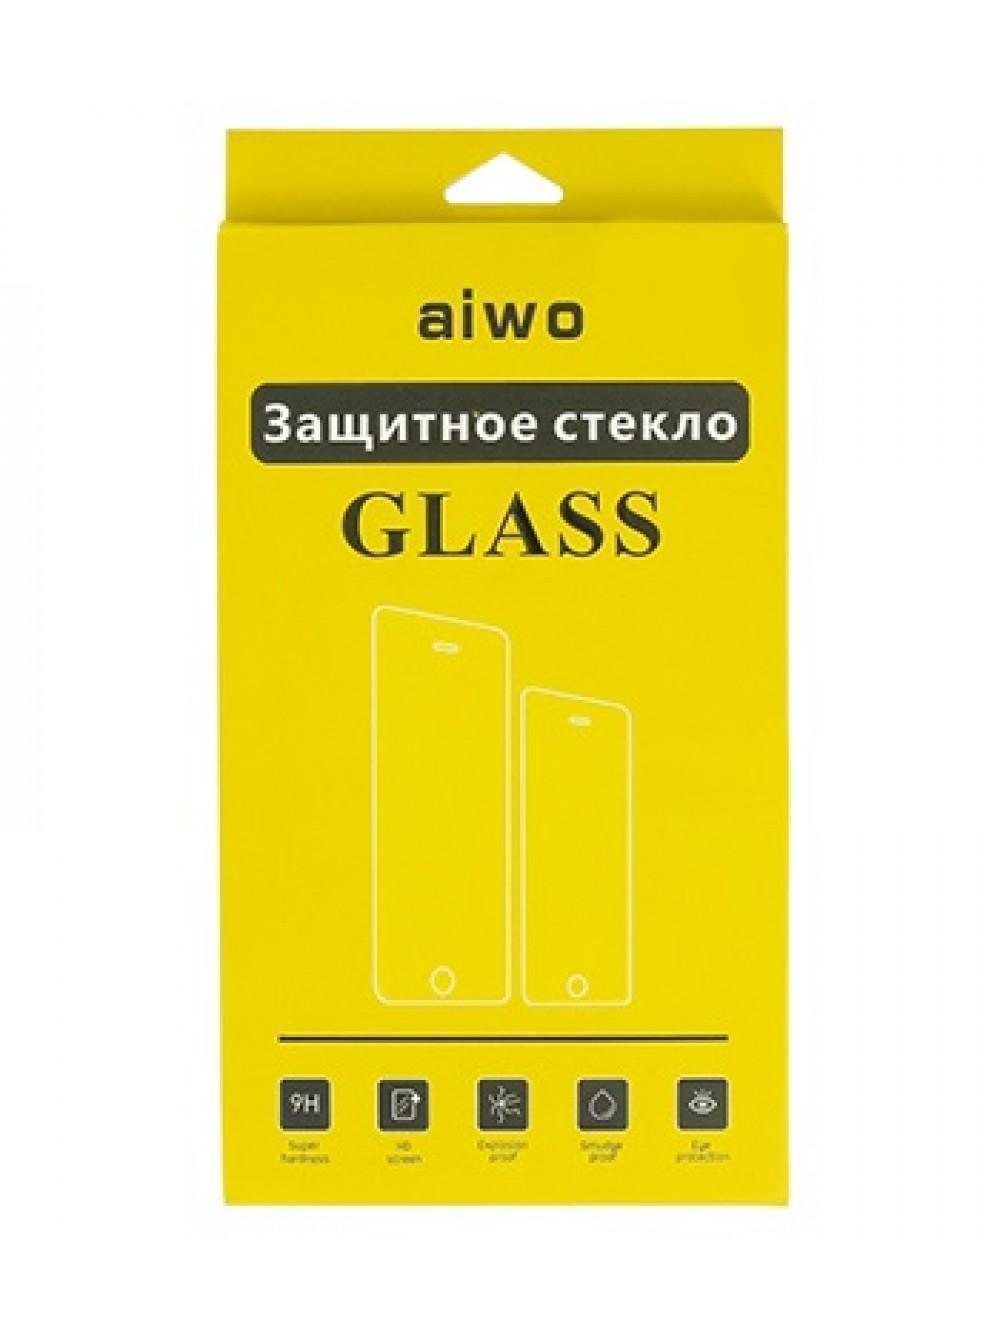 Защитное стекло AIWO 9H 0.33mm для Sony Xperia Z5 Compact (E5803/E5823) комплект переднее + заднее фото